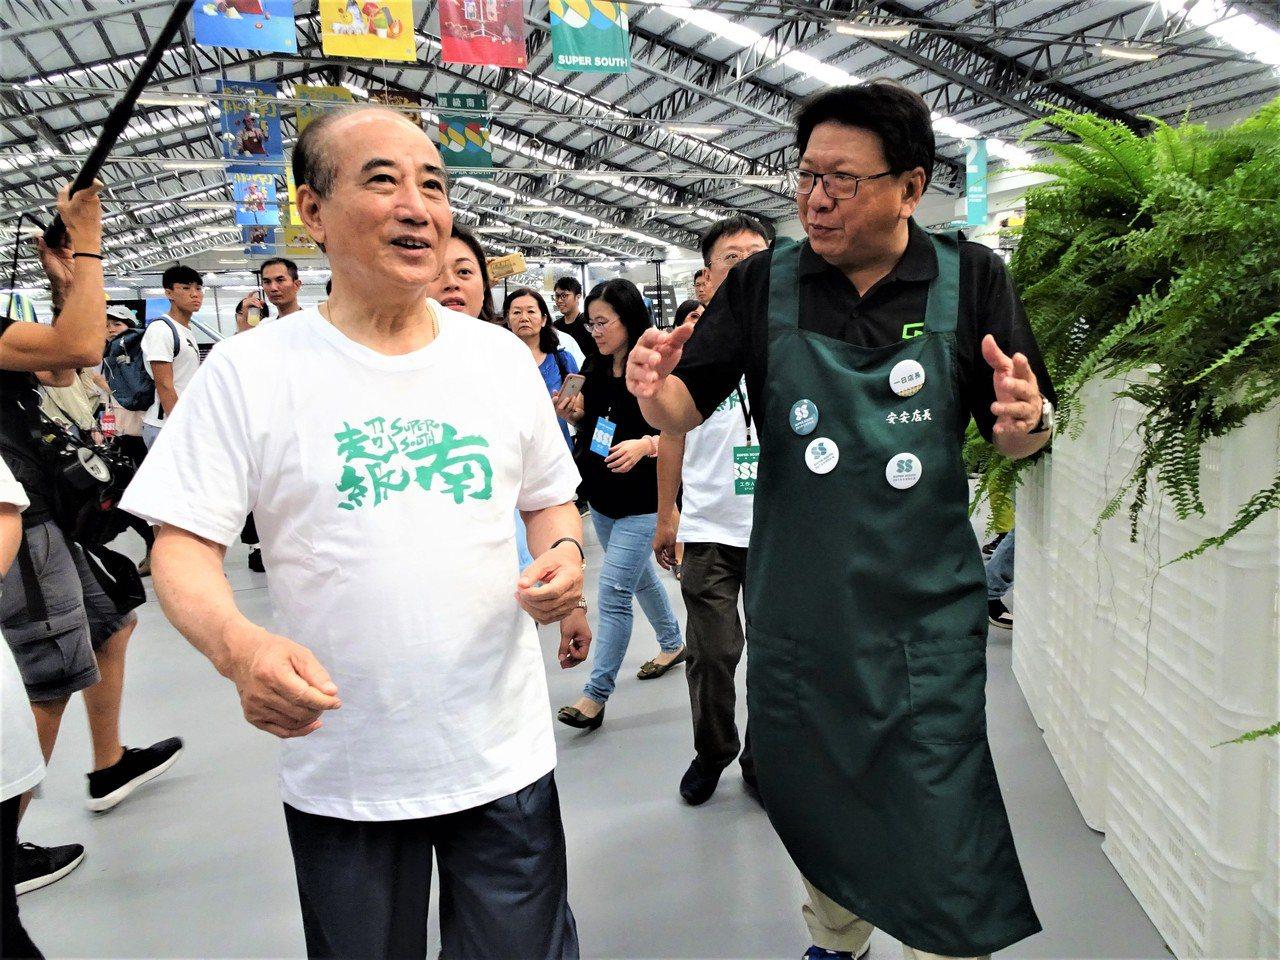 2109台灣設計展今天下午1點起開放參觀,前立法院長王金平(左)1時半就到主展區...